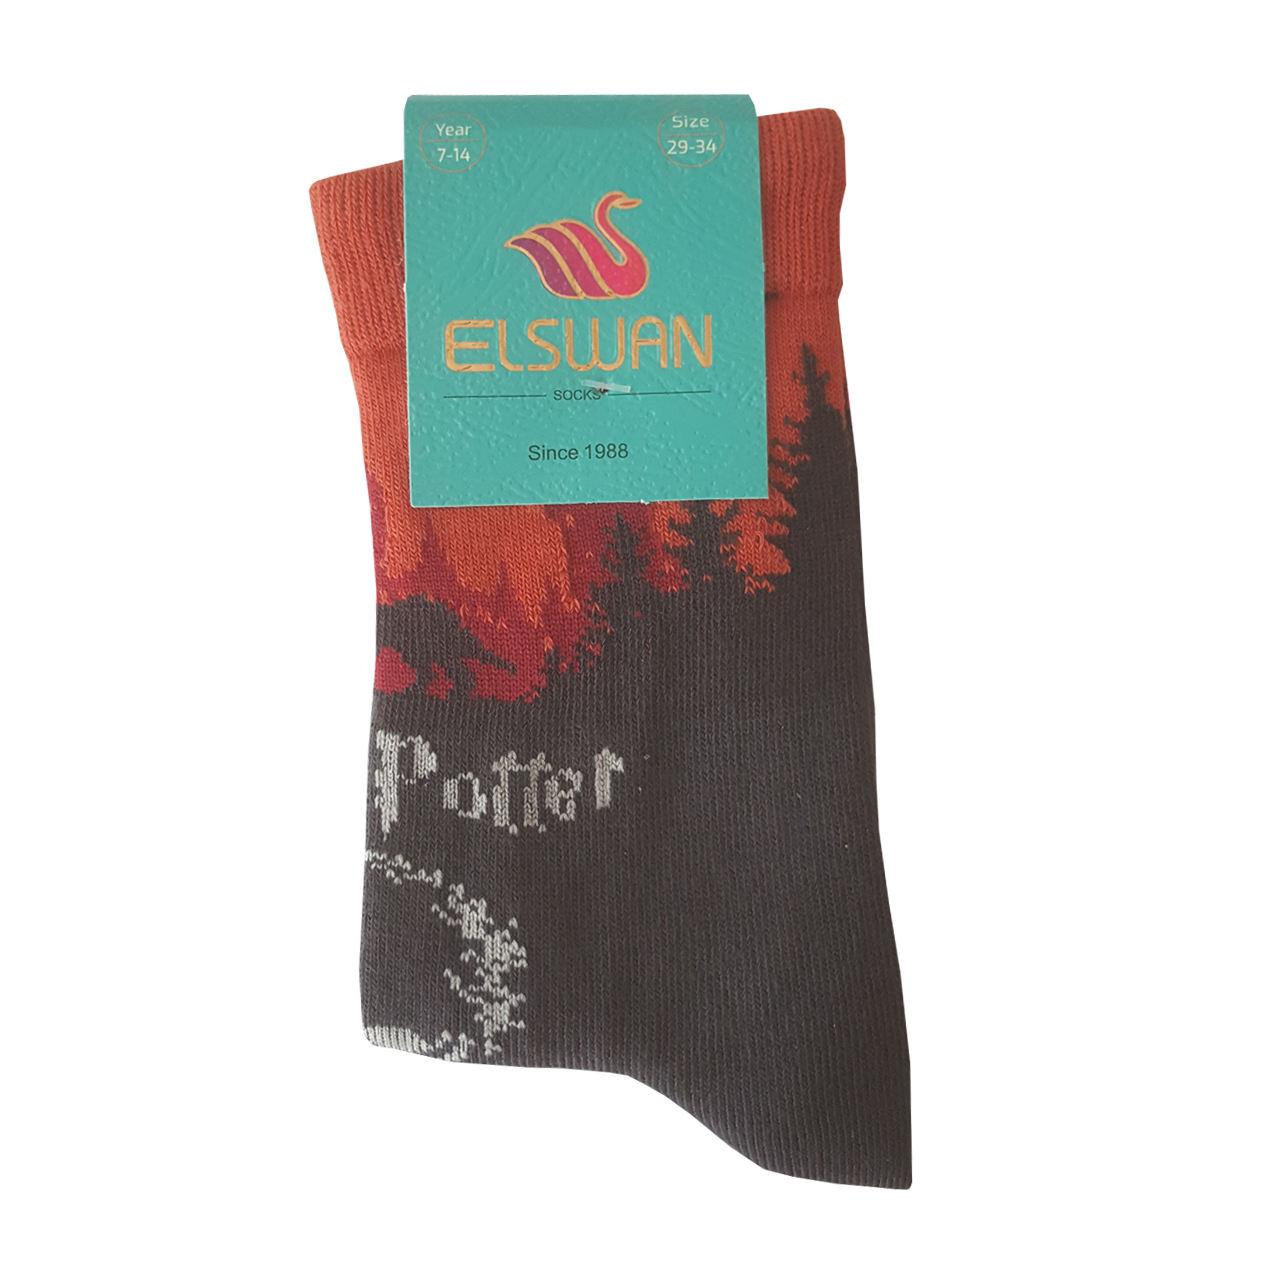 جوراب پسرانه ال سون طرح هری پاتر کد PH409 -  - 5